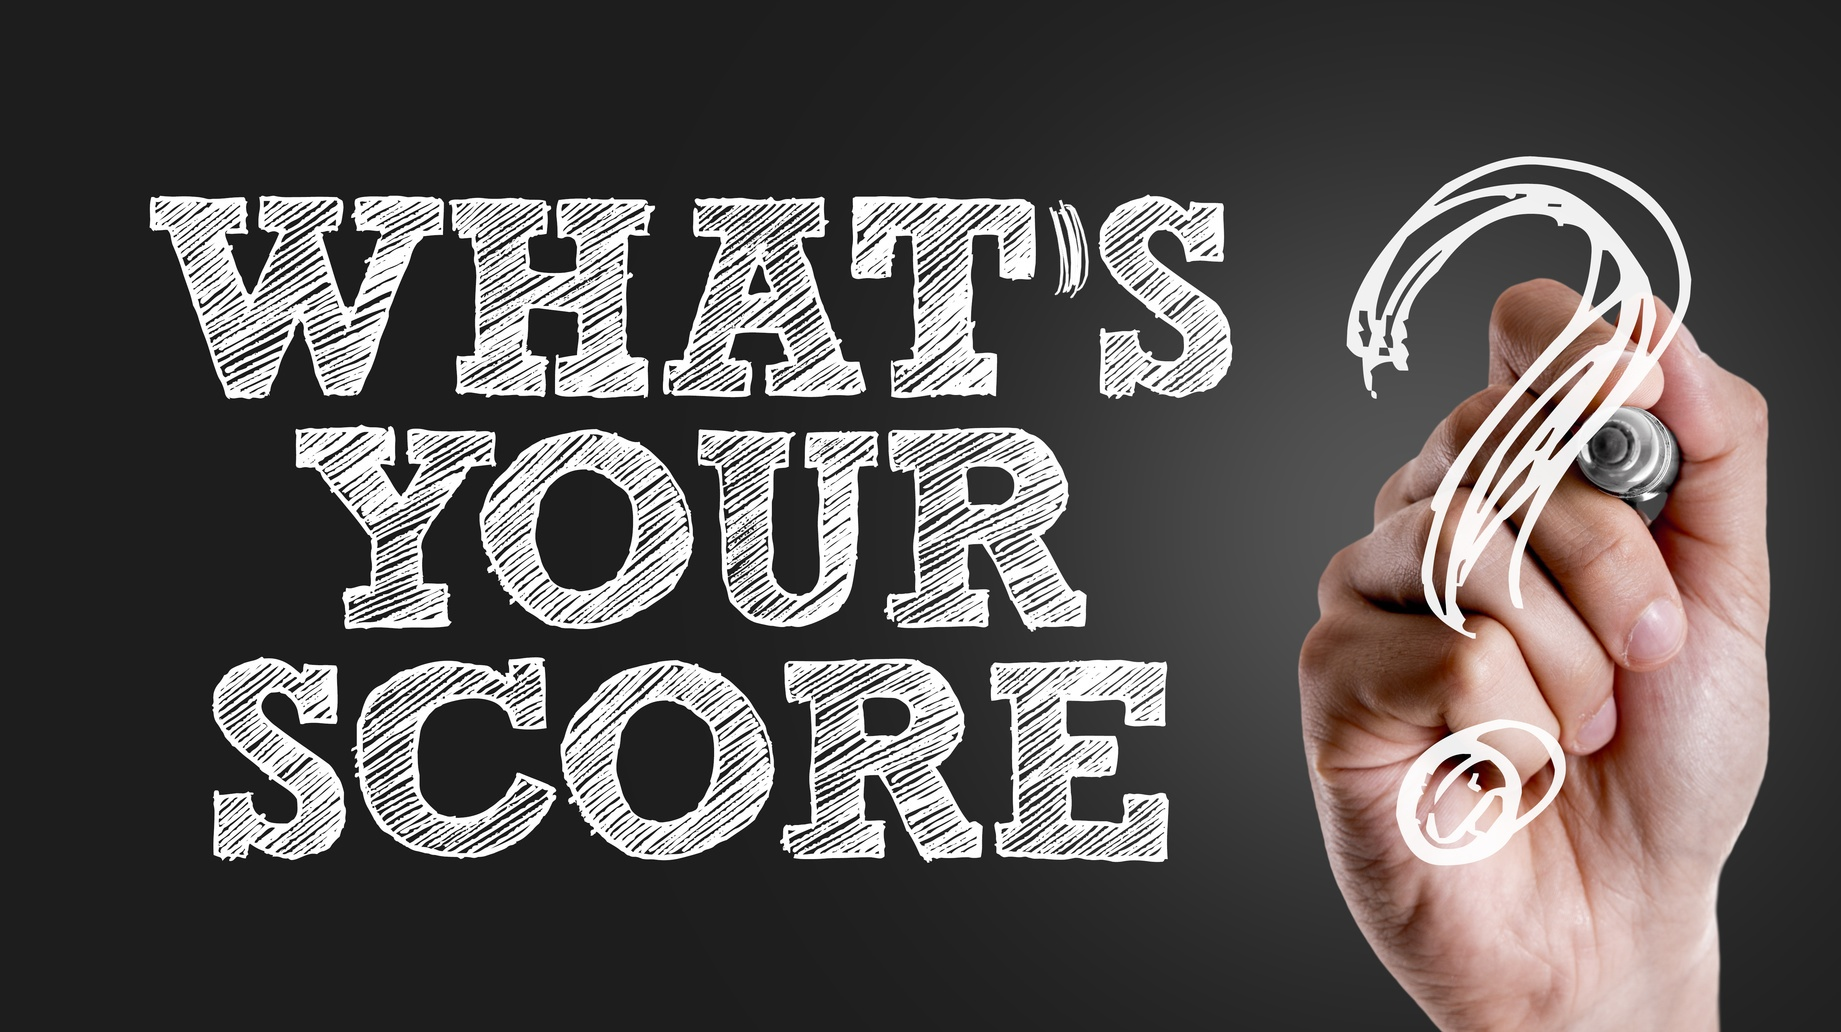 1270 SAT score help )':?